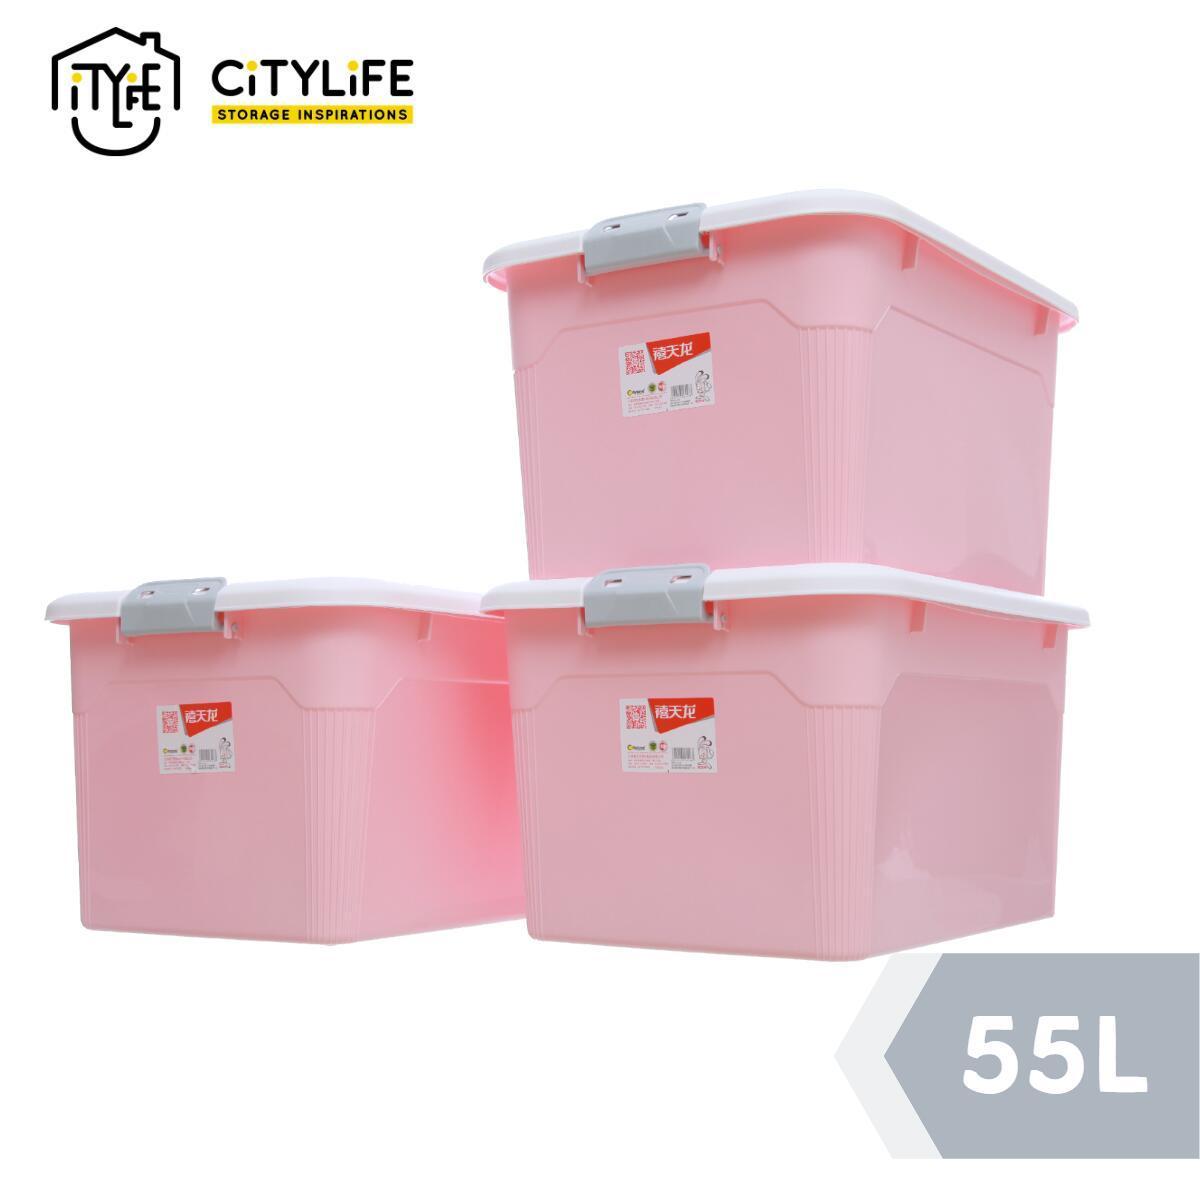 [Bundle of 3] - Citylife 55L Large Capacity Storage Box